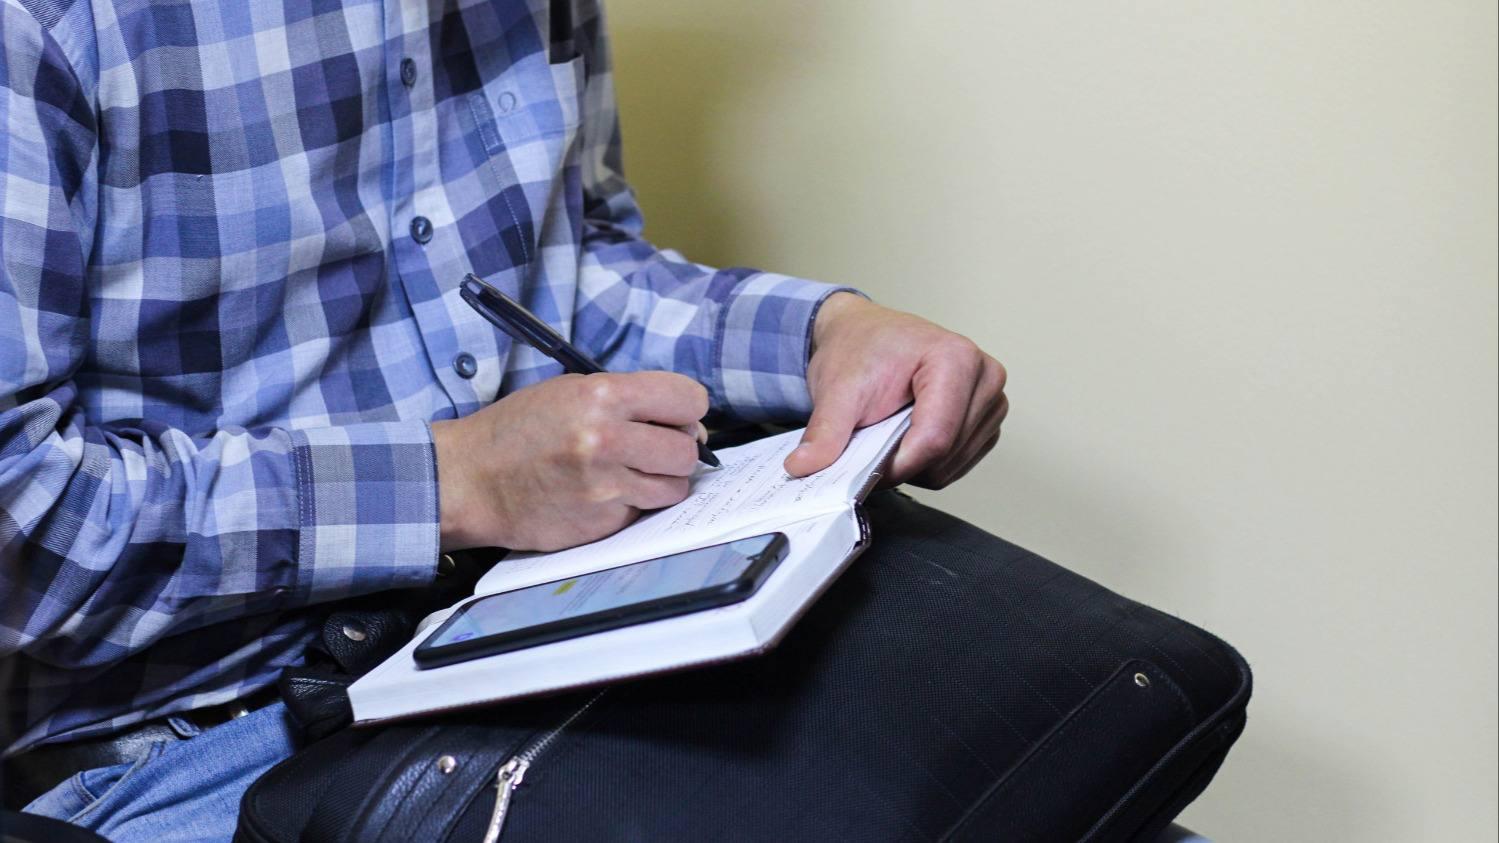 Мастер-классы для специалистов и ответственных по охране труда в Самаре